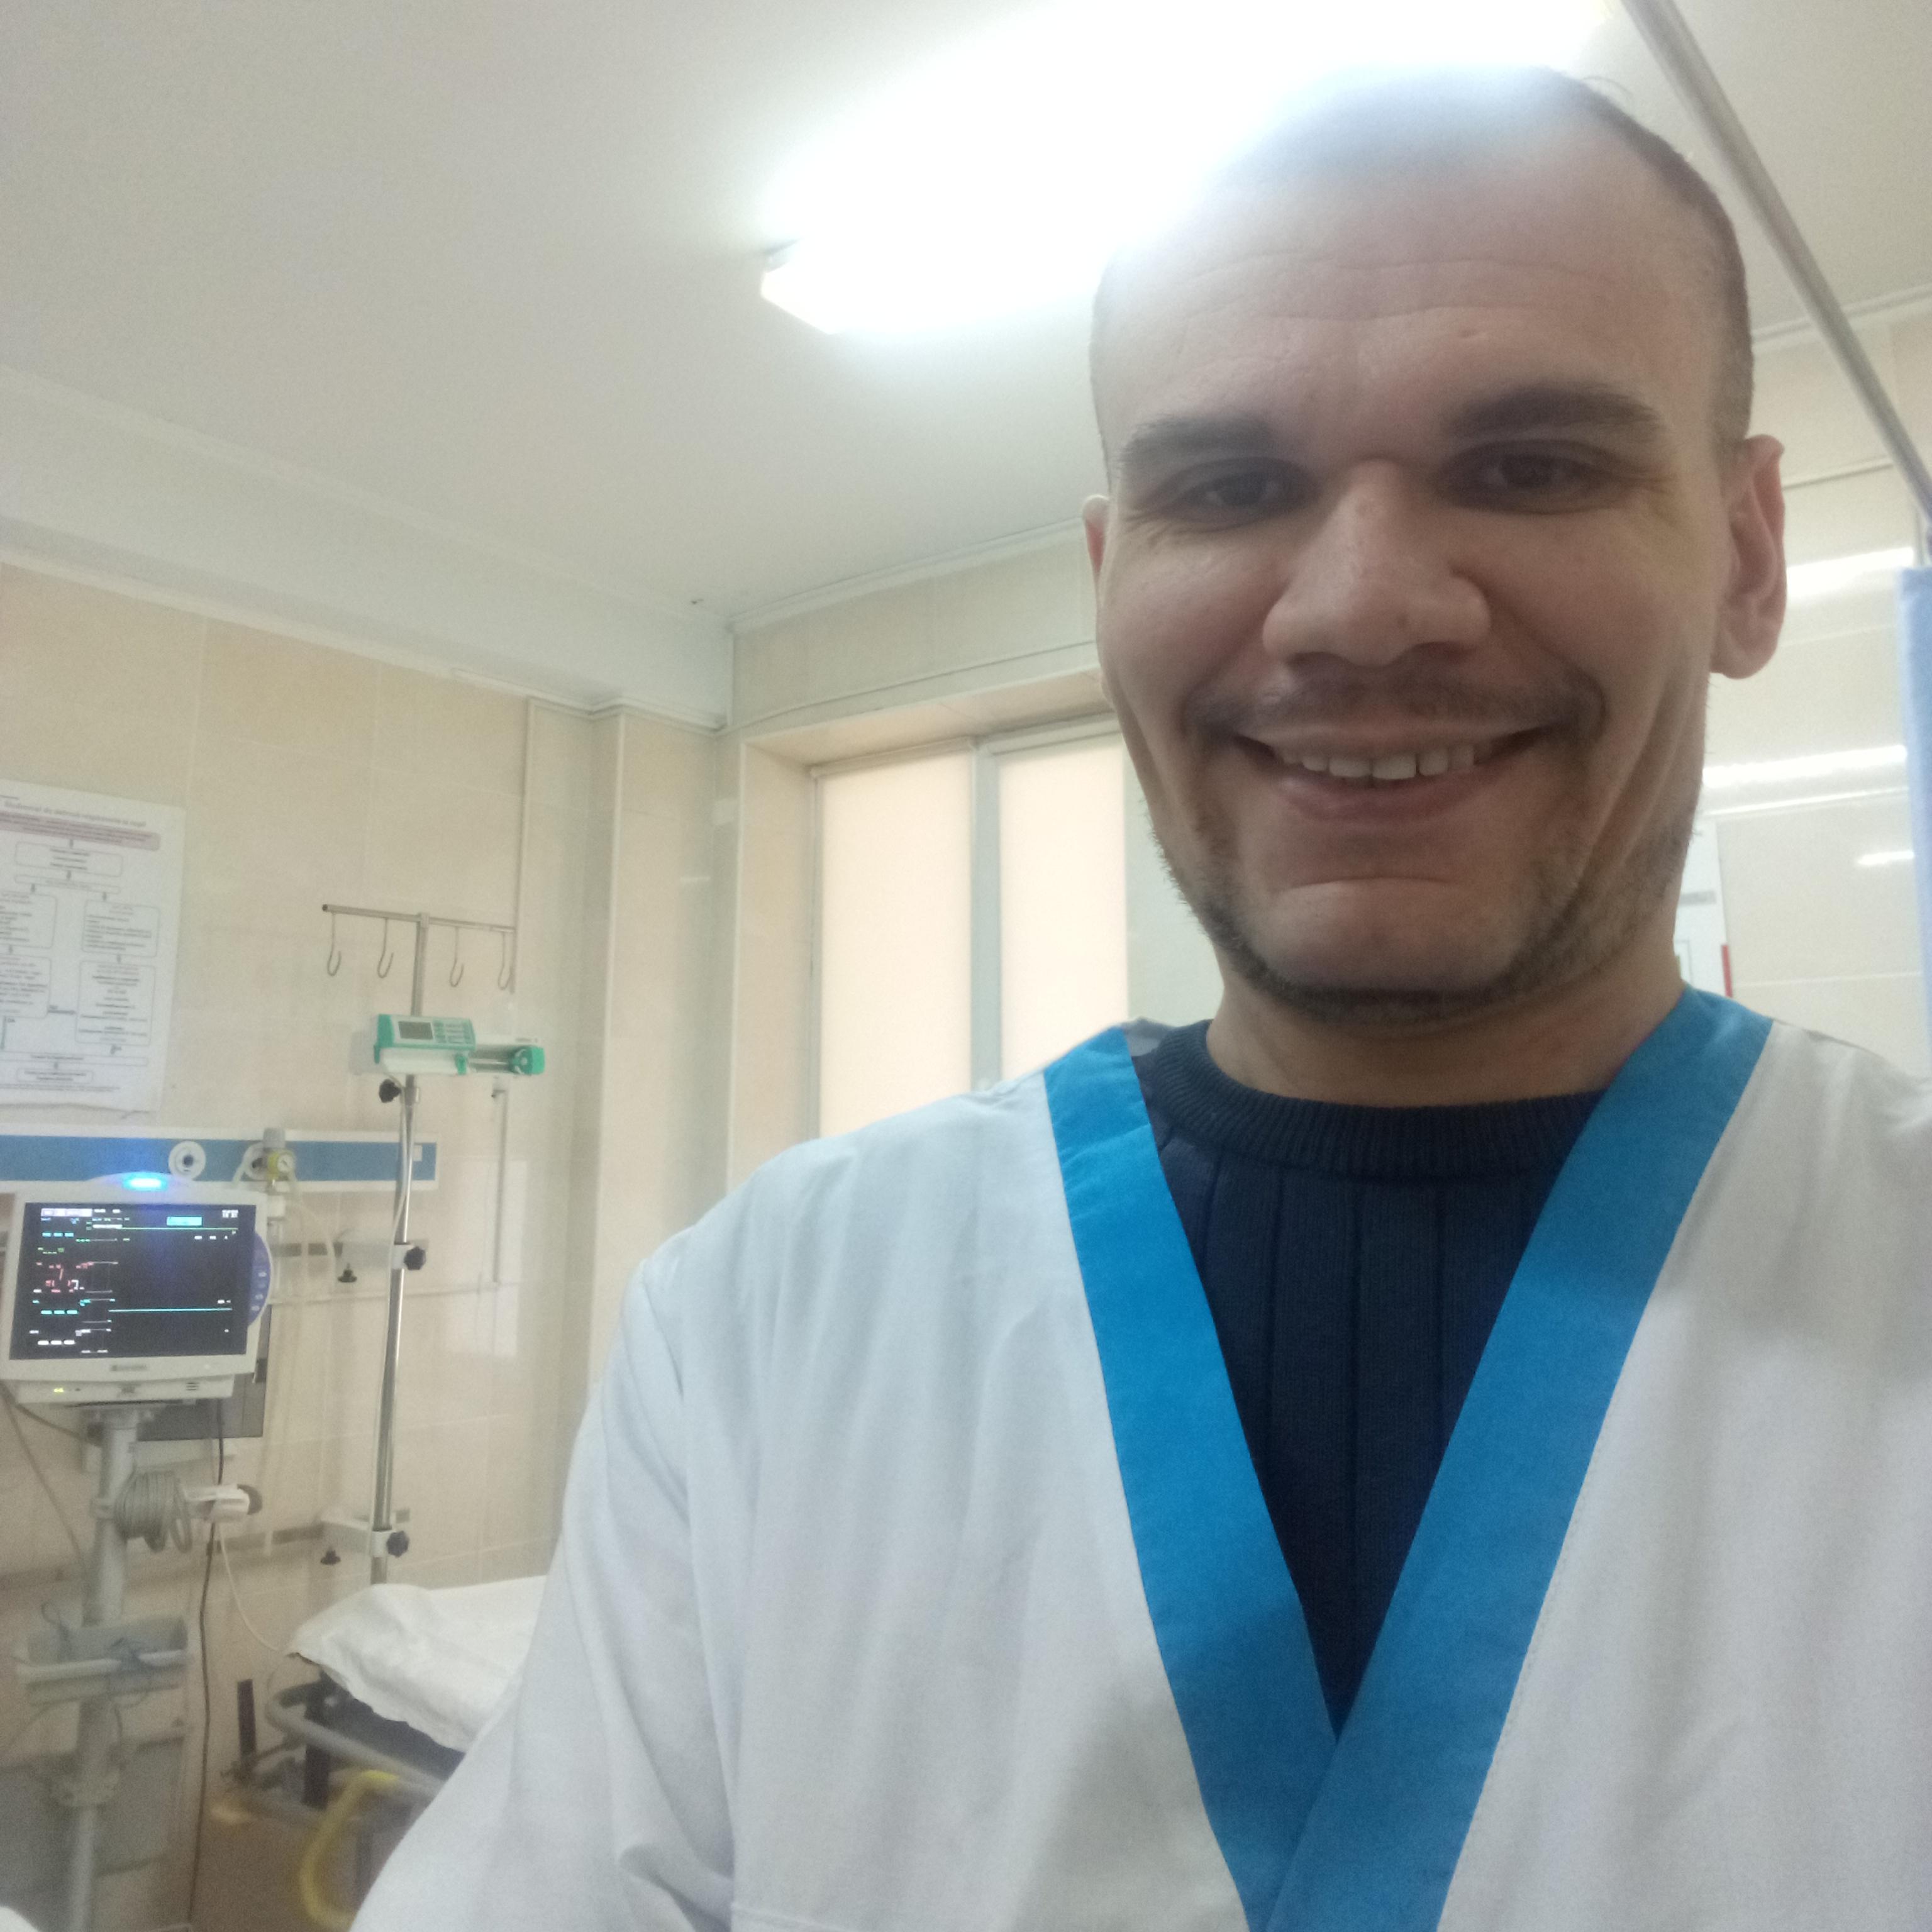 Felcerîncadrul serviciul112sauUPU,Asistent medical